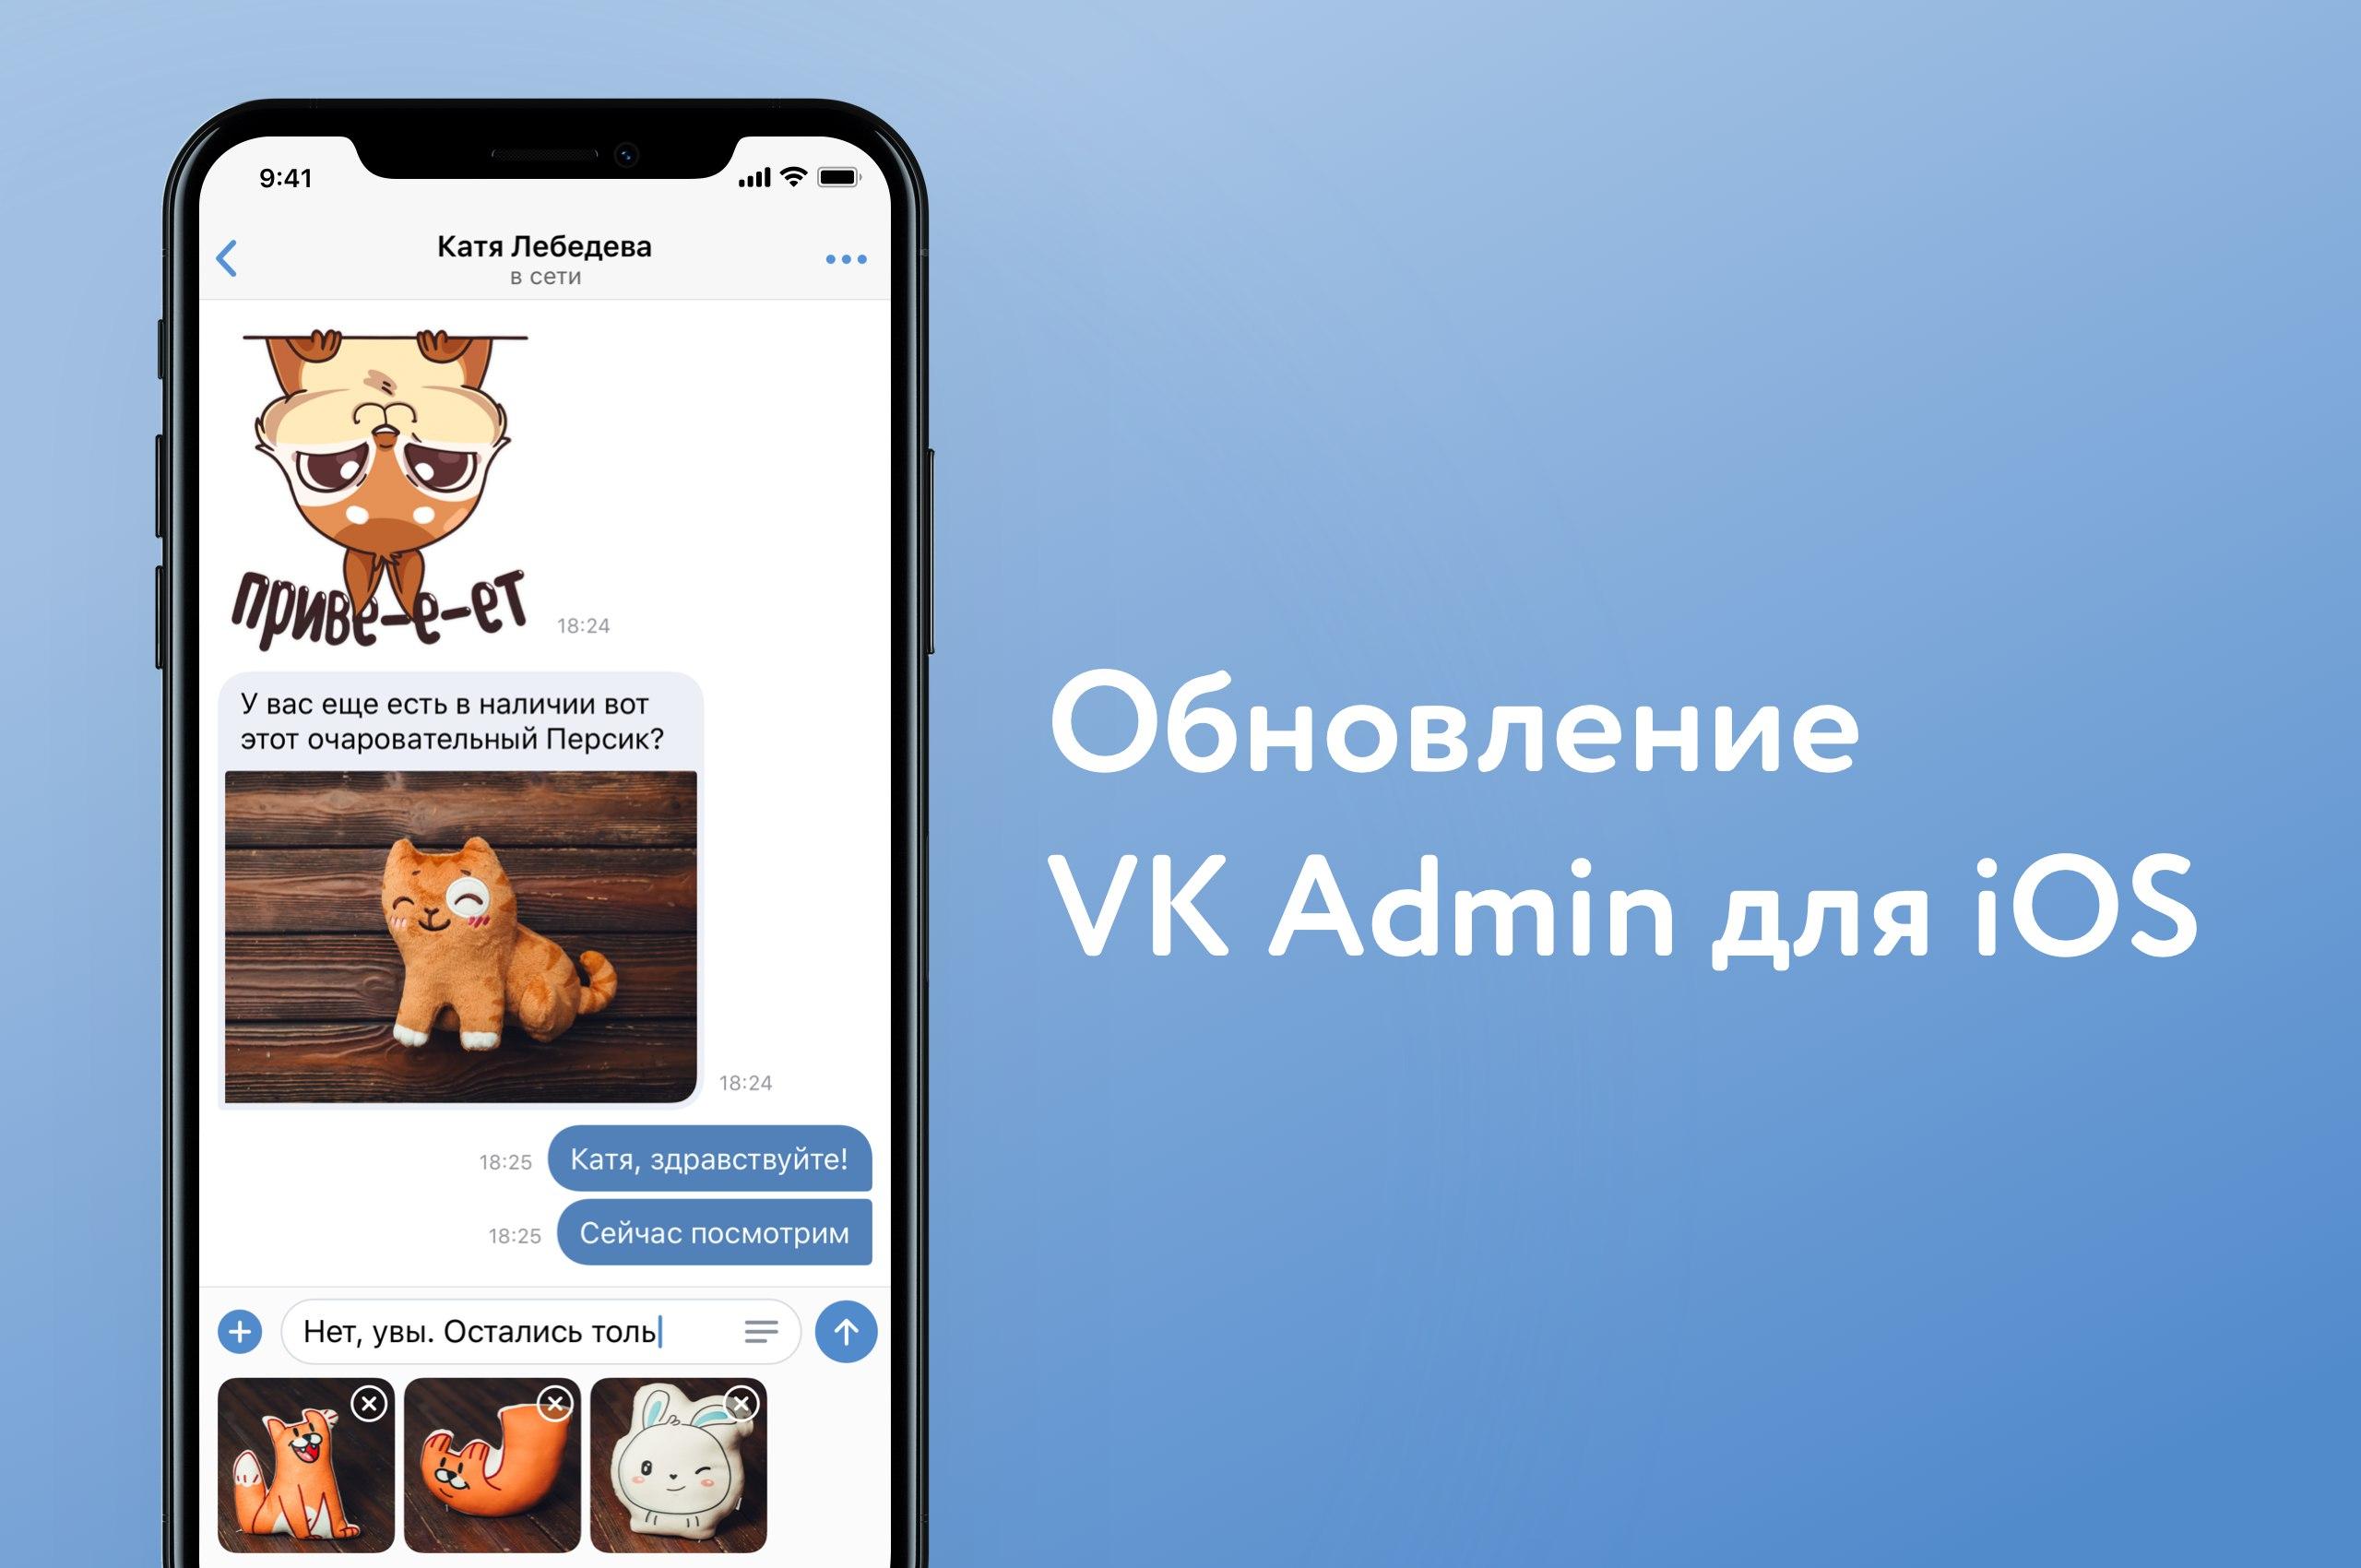 VK продолжает выпускать обновления для своего приложение VK Admin